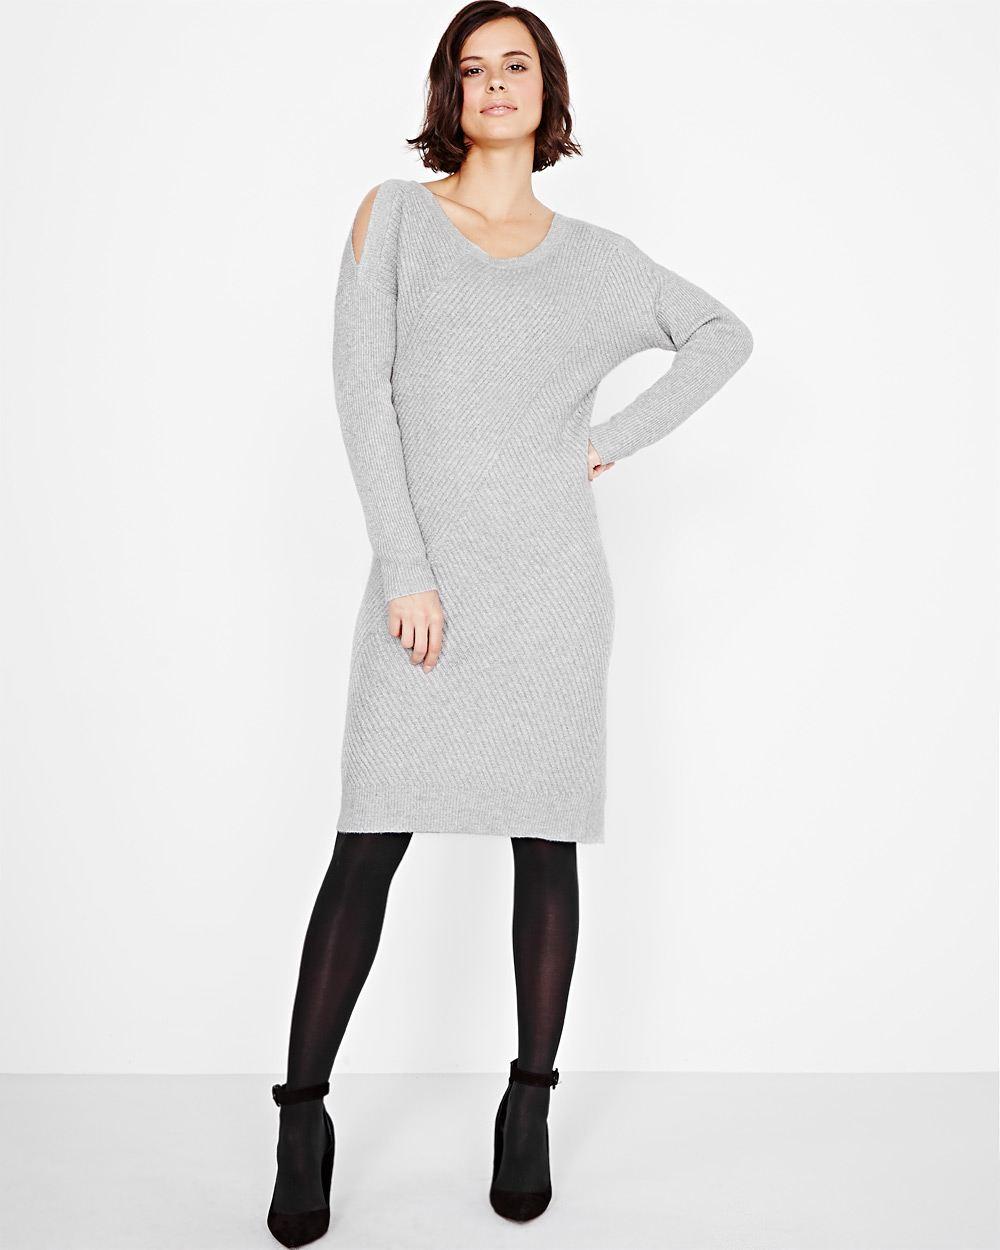 robe tricot, ouvertures sur les épaules